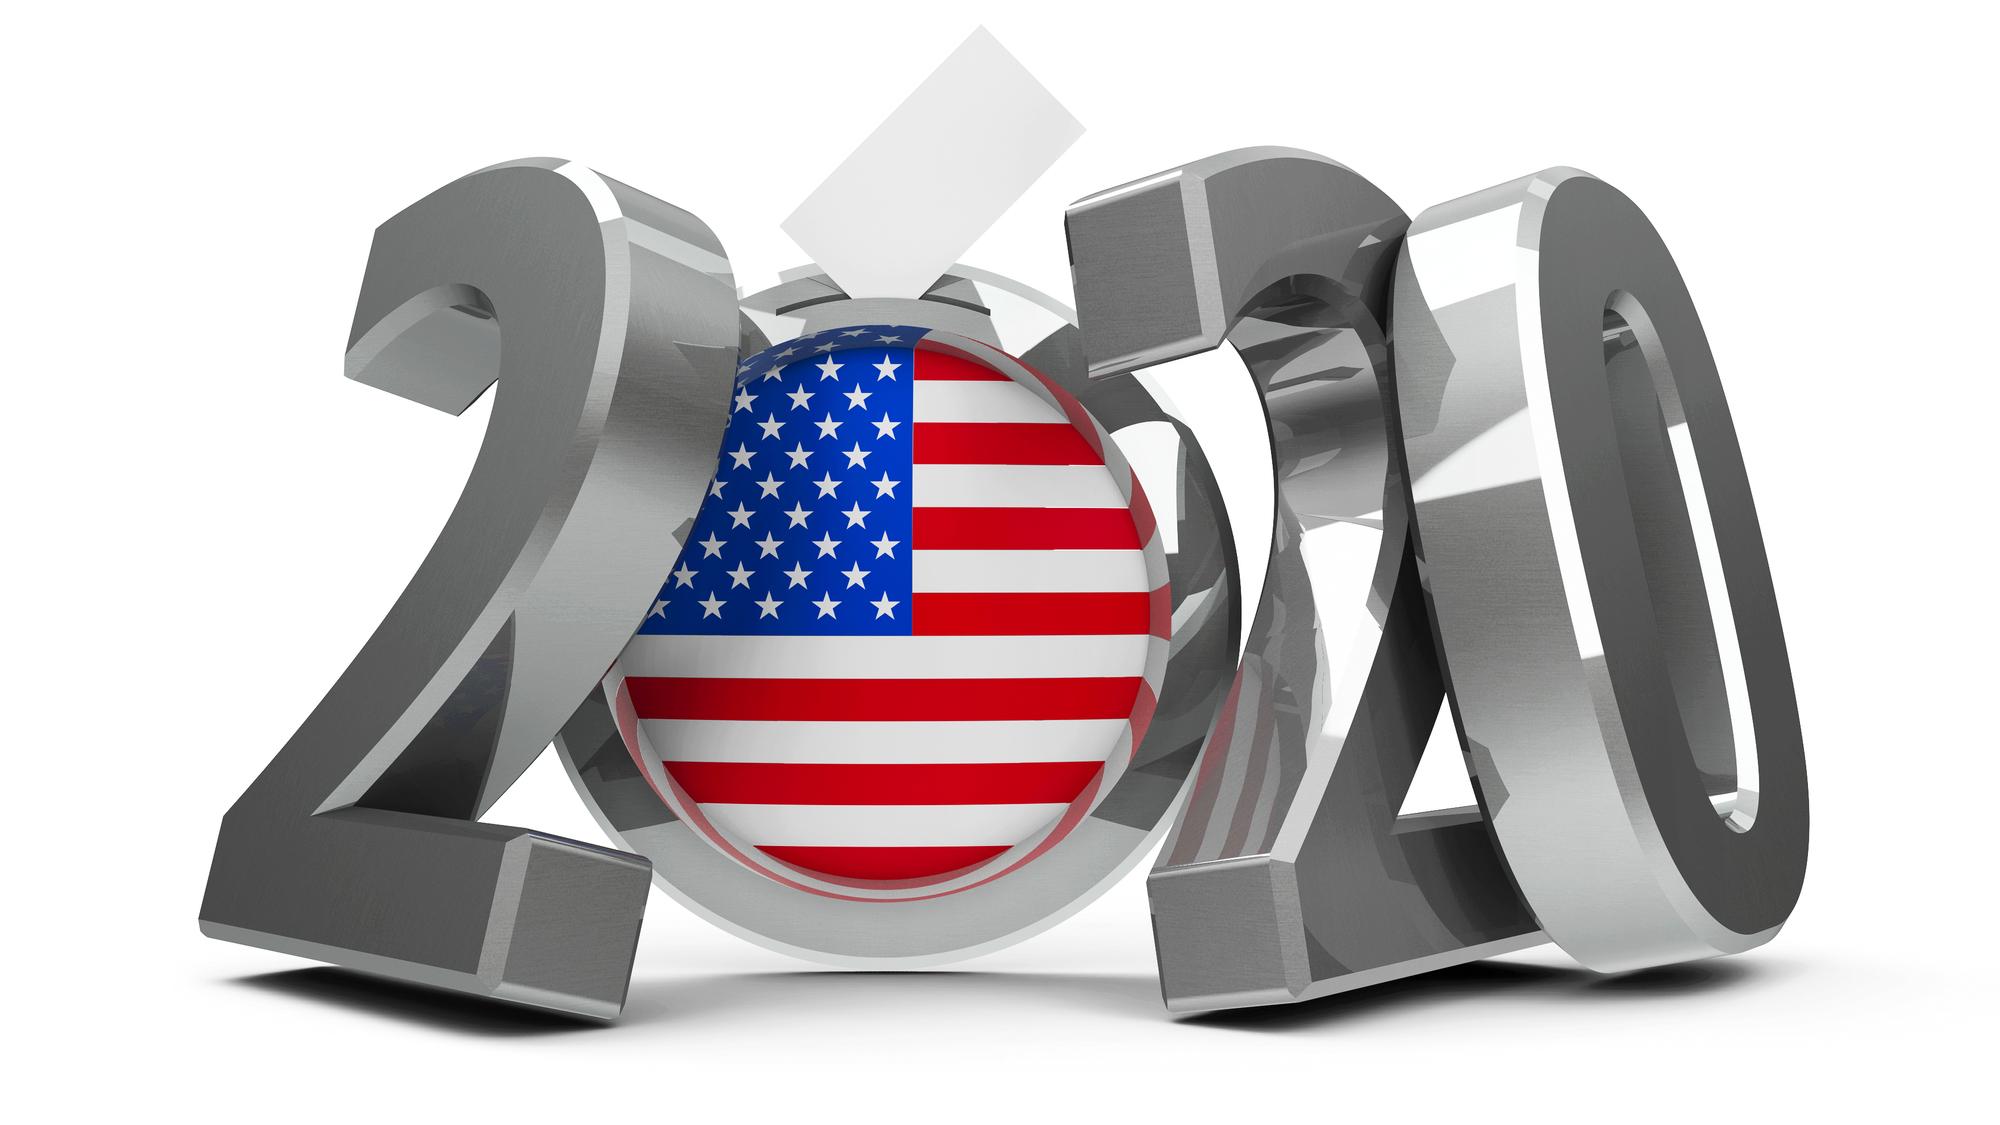 2020年「米大統領選挙」開幕…トランプ氏の対抗馬は誰に!?